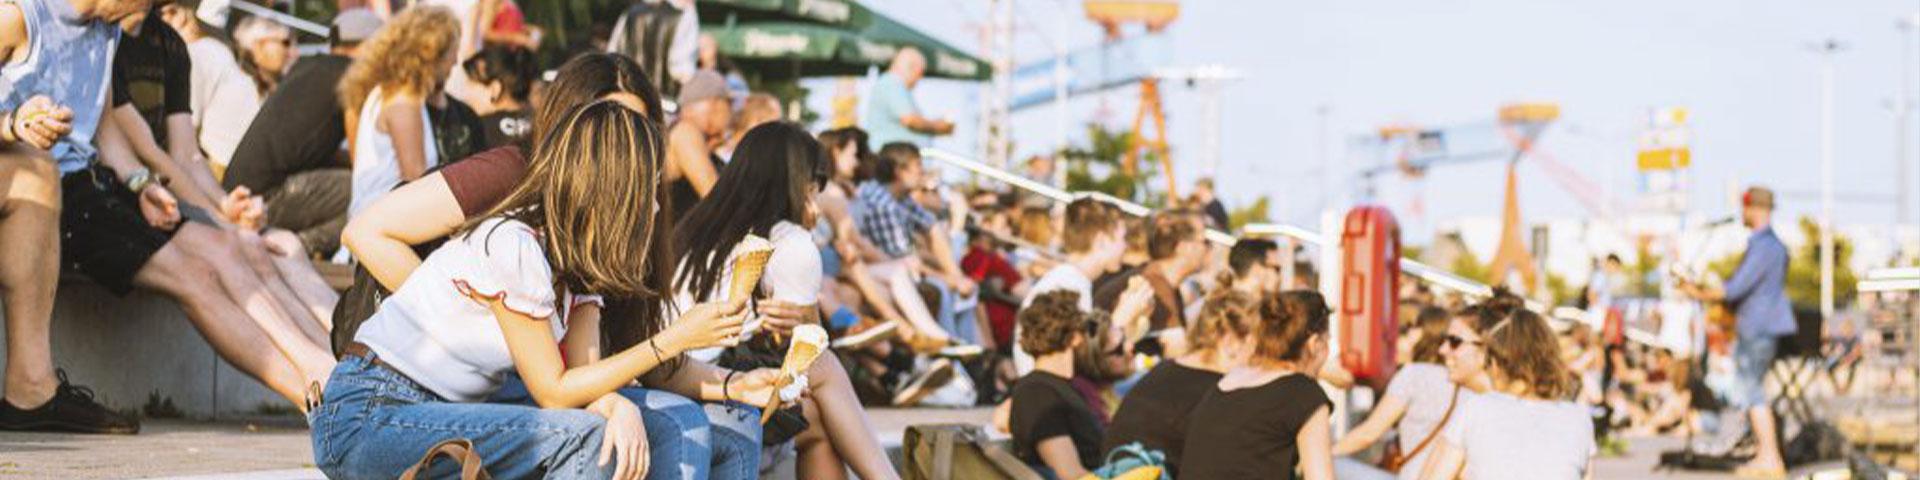 Eventkalender - Mennesker er på koncert, sidder i solen og nyder atmosfæren